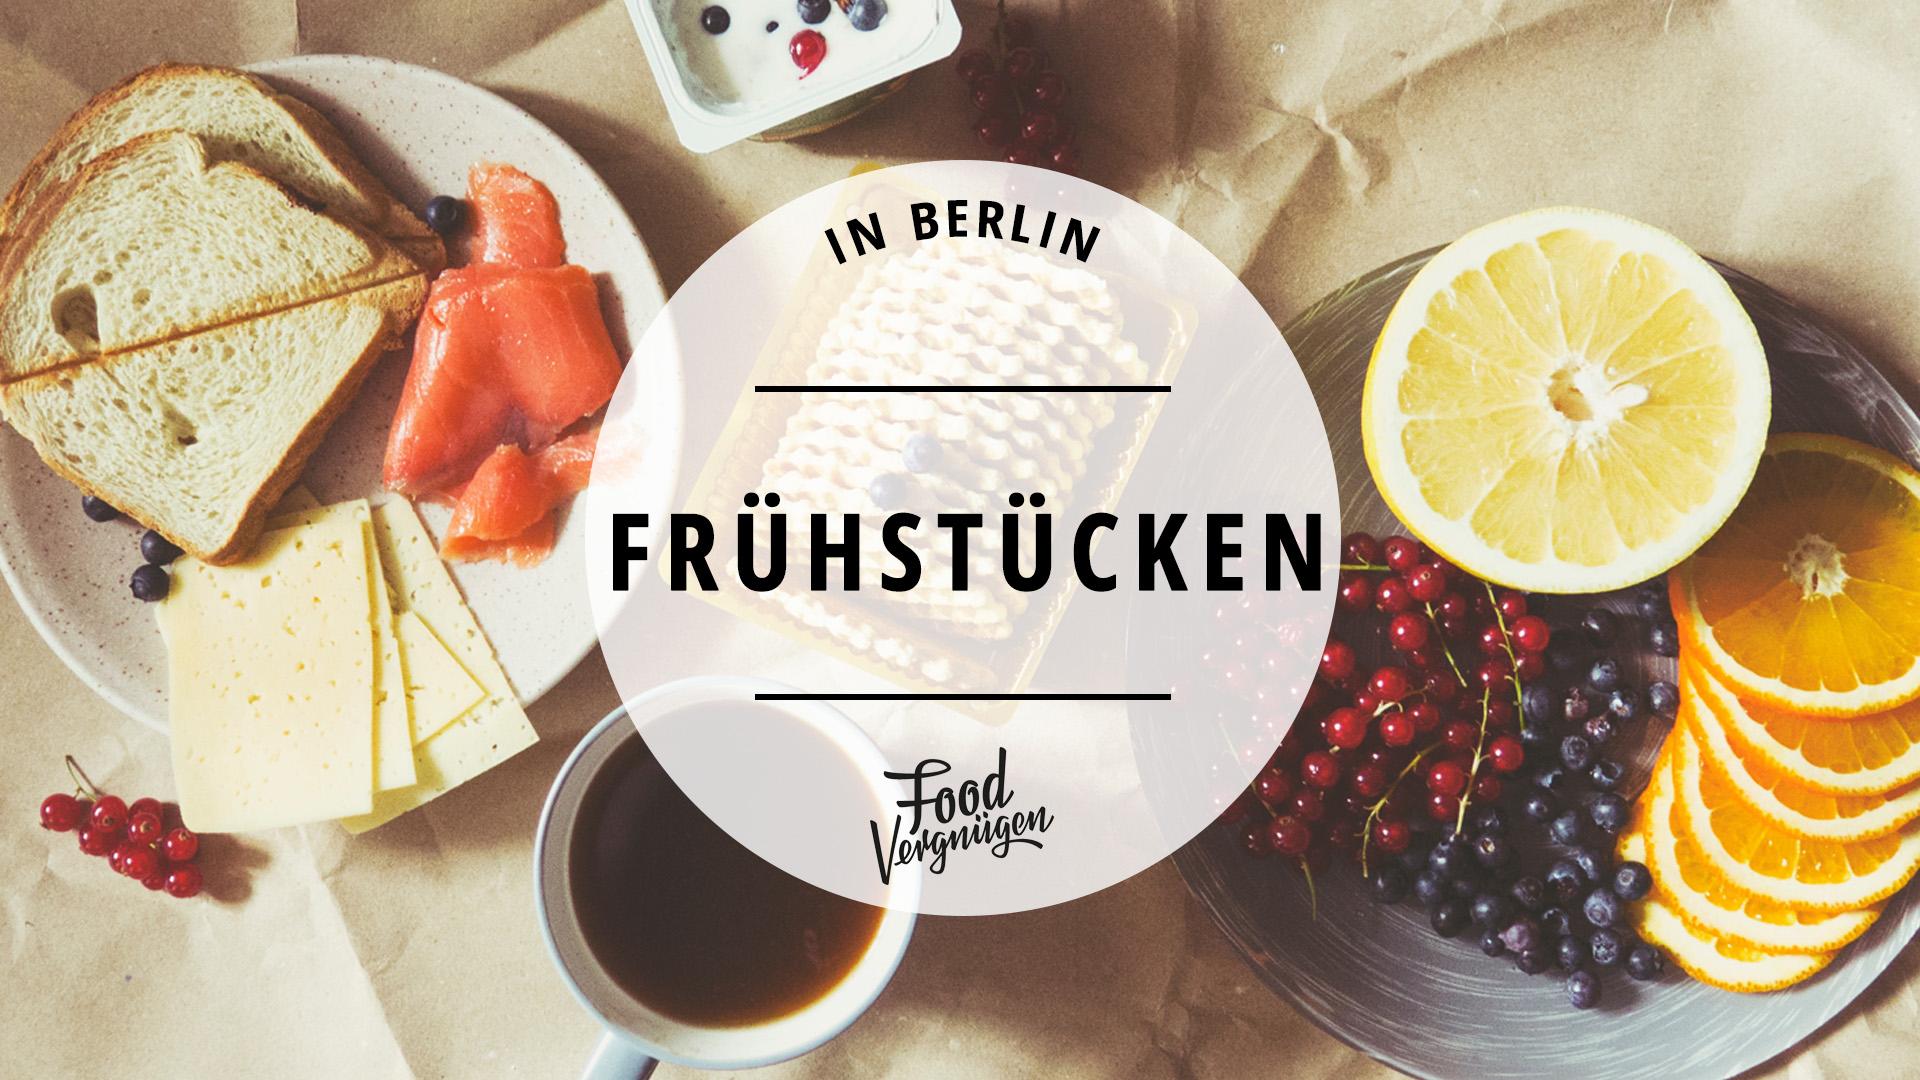 21 Orte zum Frühstücken in Berlin | Mit Vergnügen Berlin